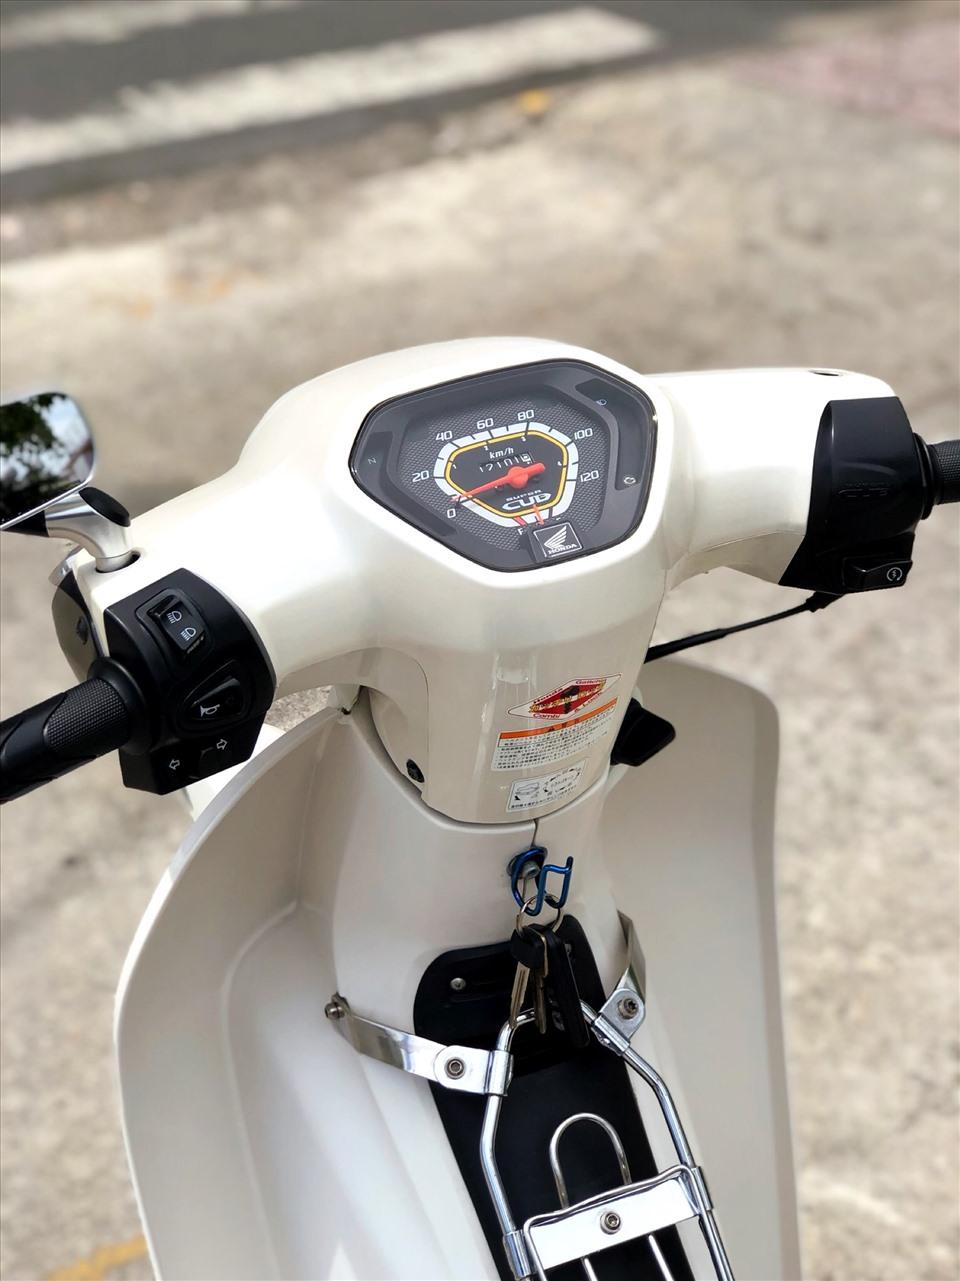 Các nút bấm đèn, đề điện, còi đều được làm mới, lấy cảm hứng từ những mẫu xe ga hiện tại của Honda. Ảnh: Nhân vật cung cấp